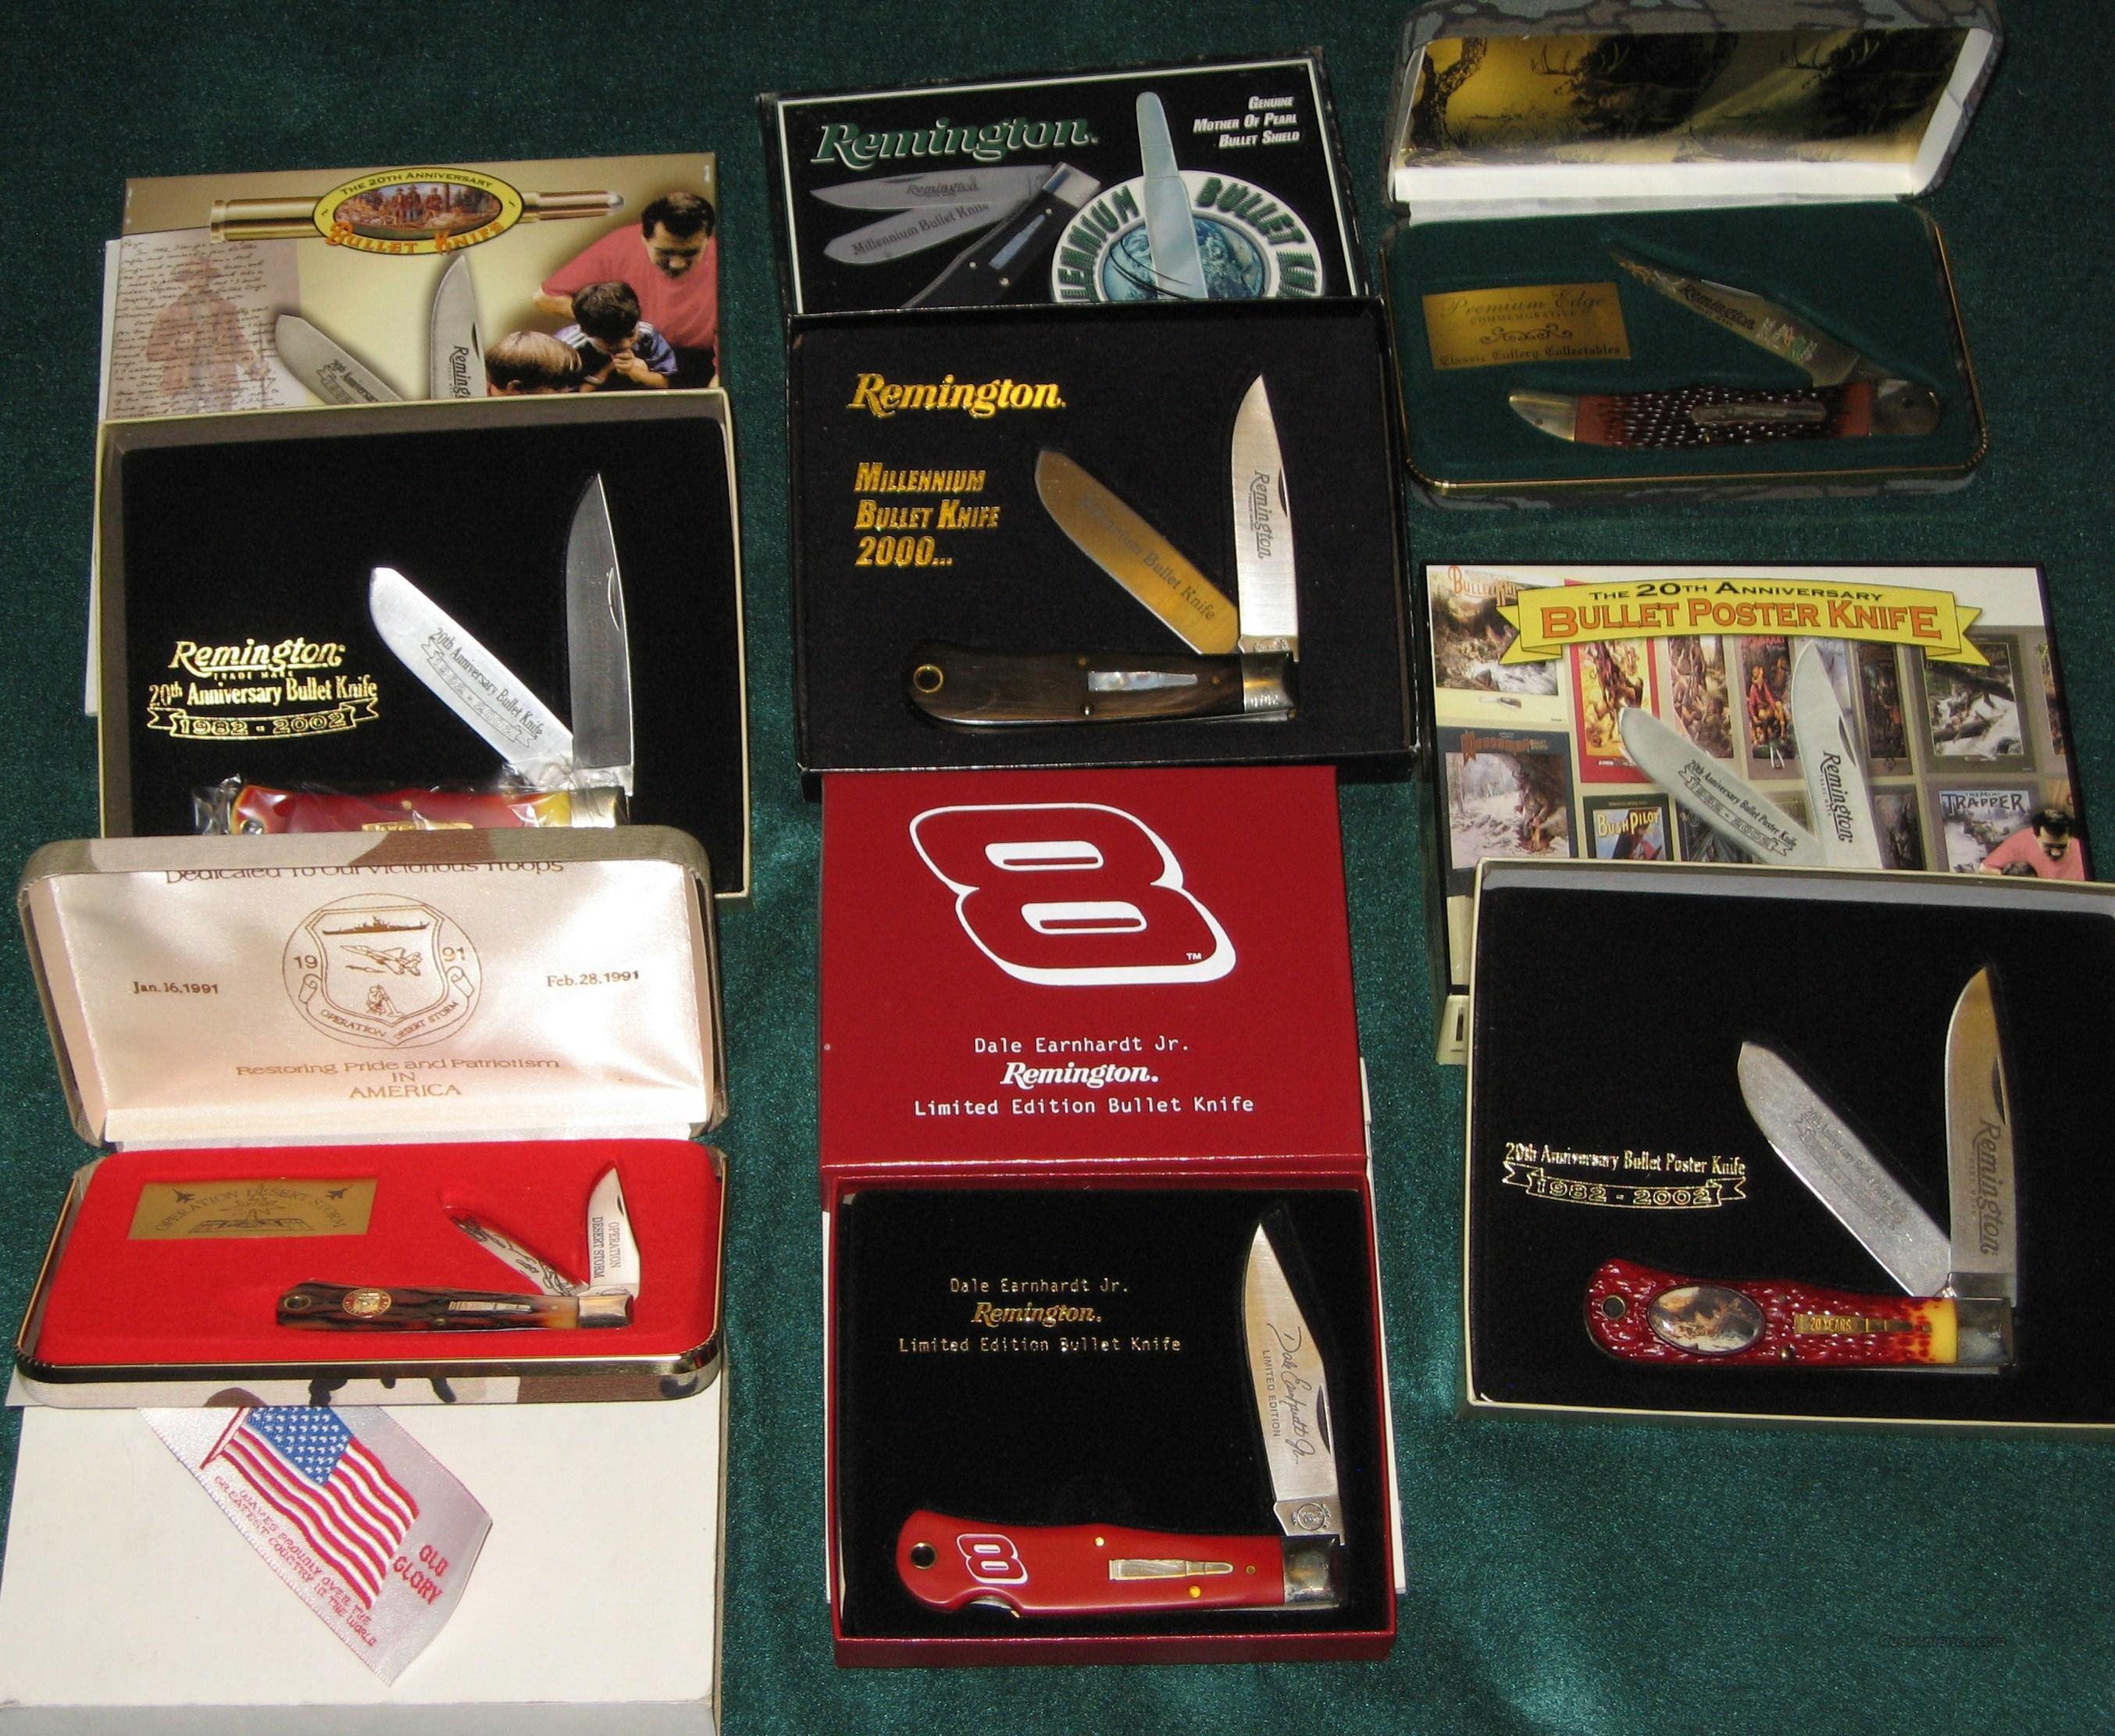 Who made remington bullet knives